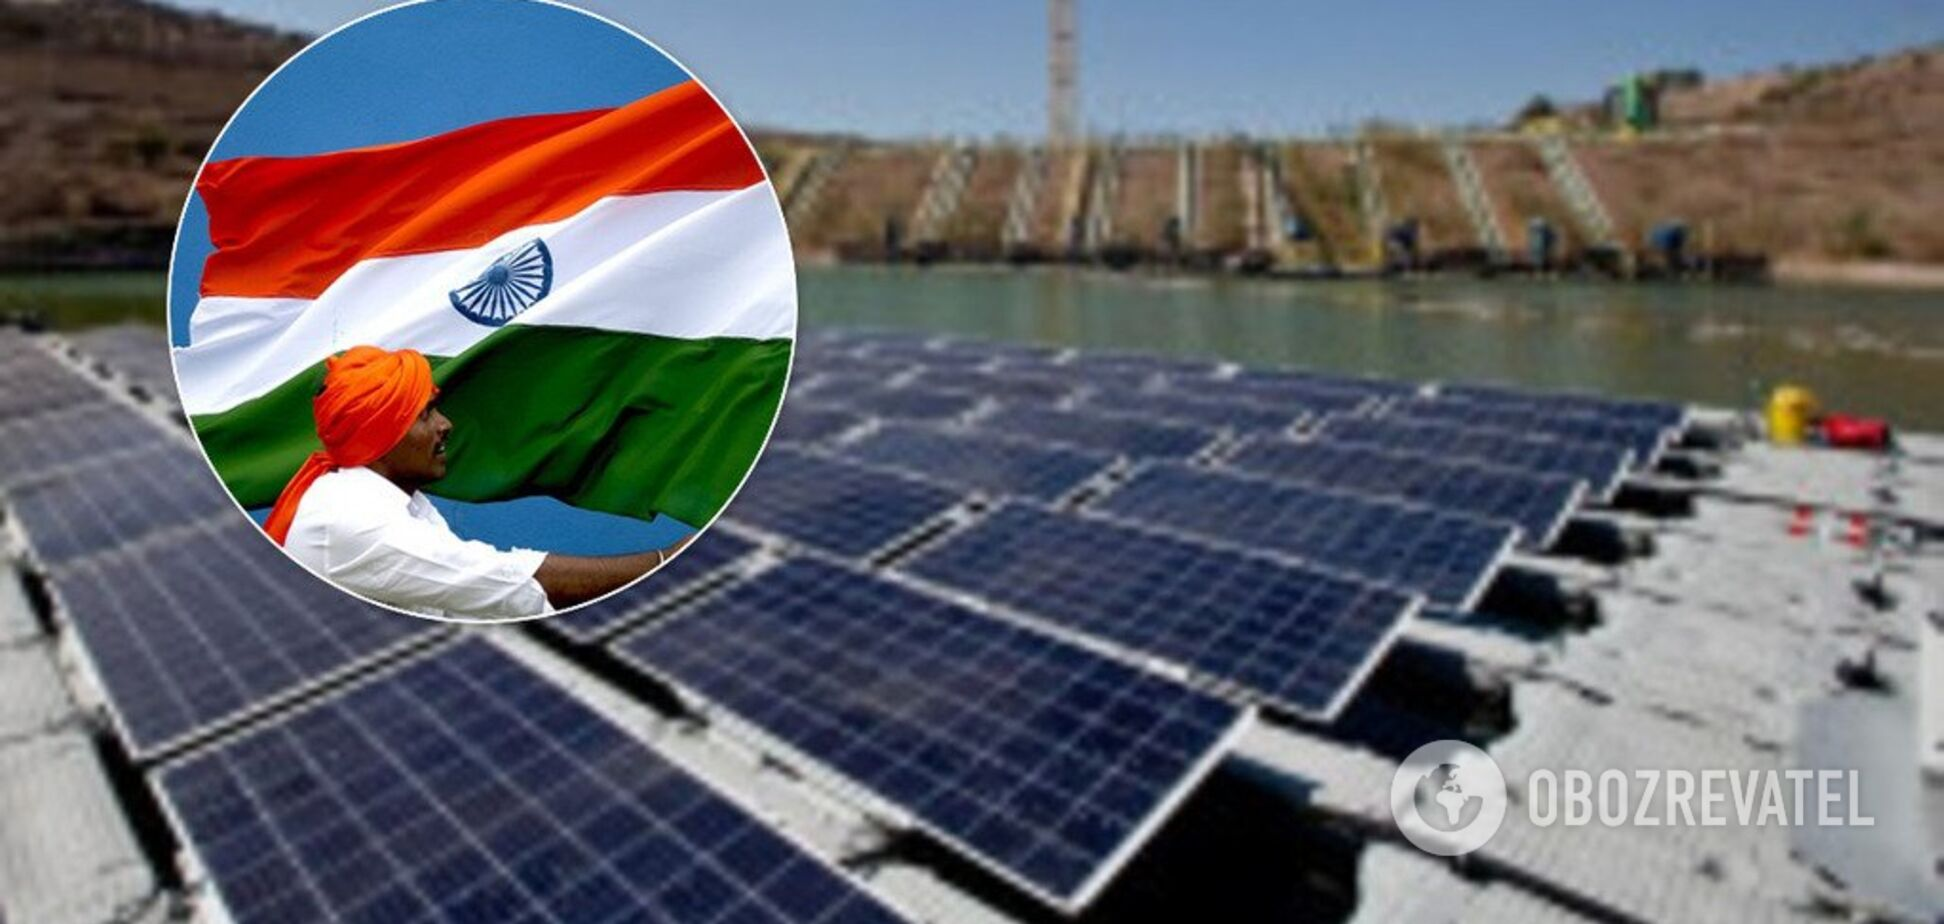 С суши на воду: дефицит земли в Индии заставит солнечные электростанции плавать